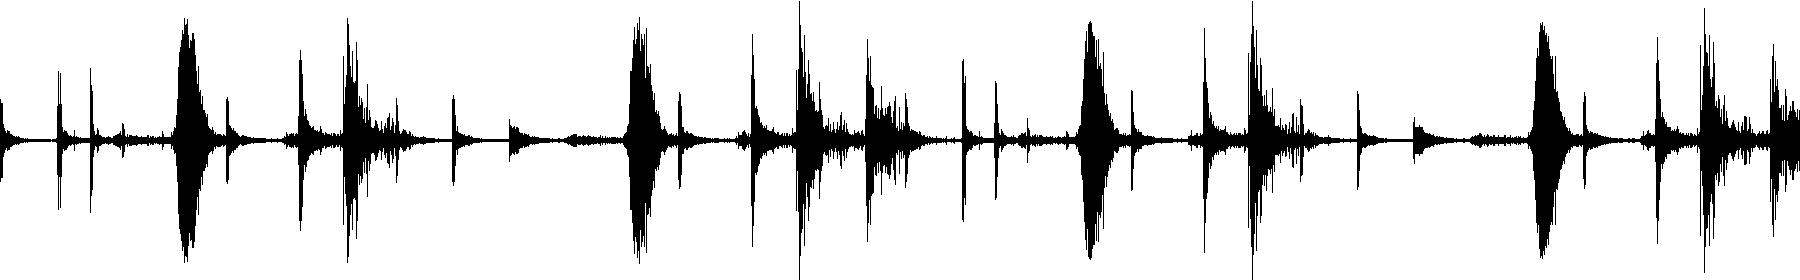 ehp percloop 130 23